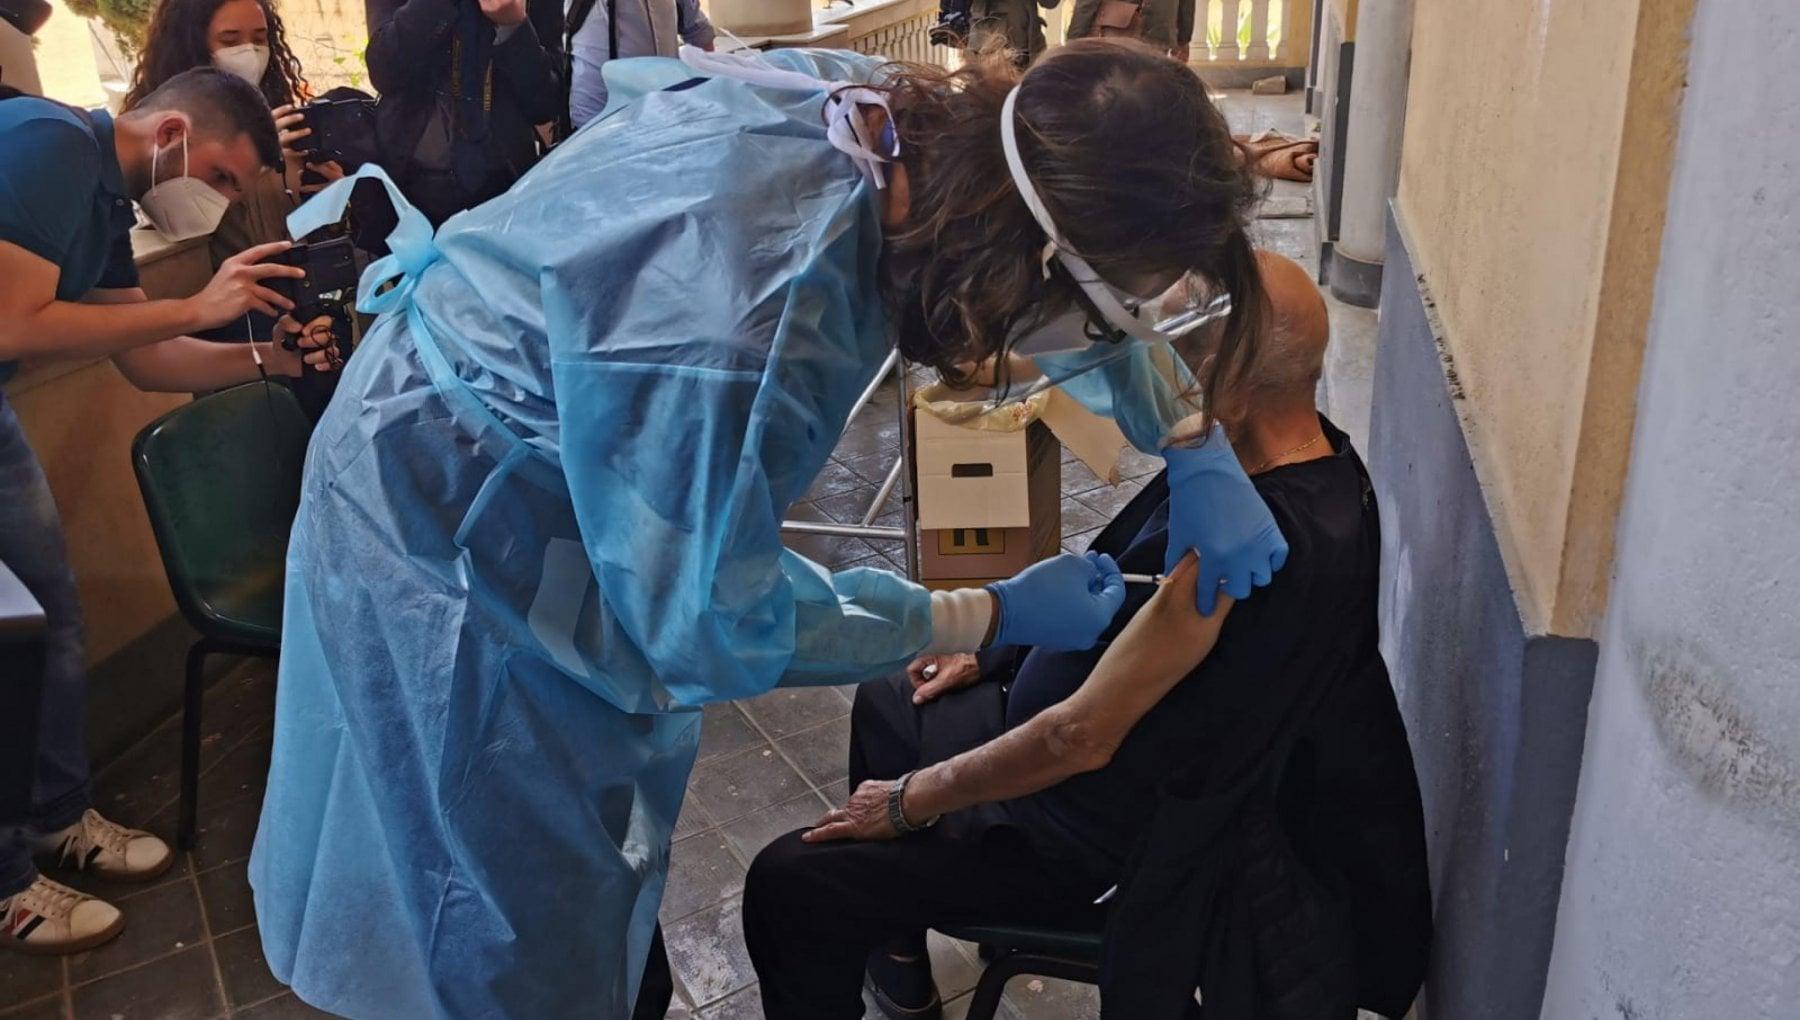 152645339 6eee4327 ee8c 49c9 9679 bfe9b2fe0ff7 - Primi dati sull'efficacia dei vaccini in Italia: contagi giù del 95%, casi gravi del 99%